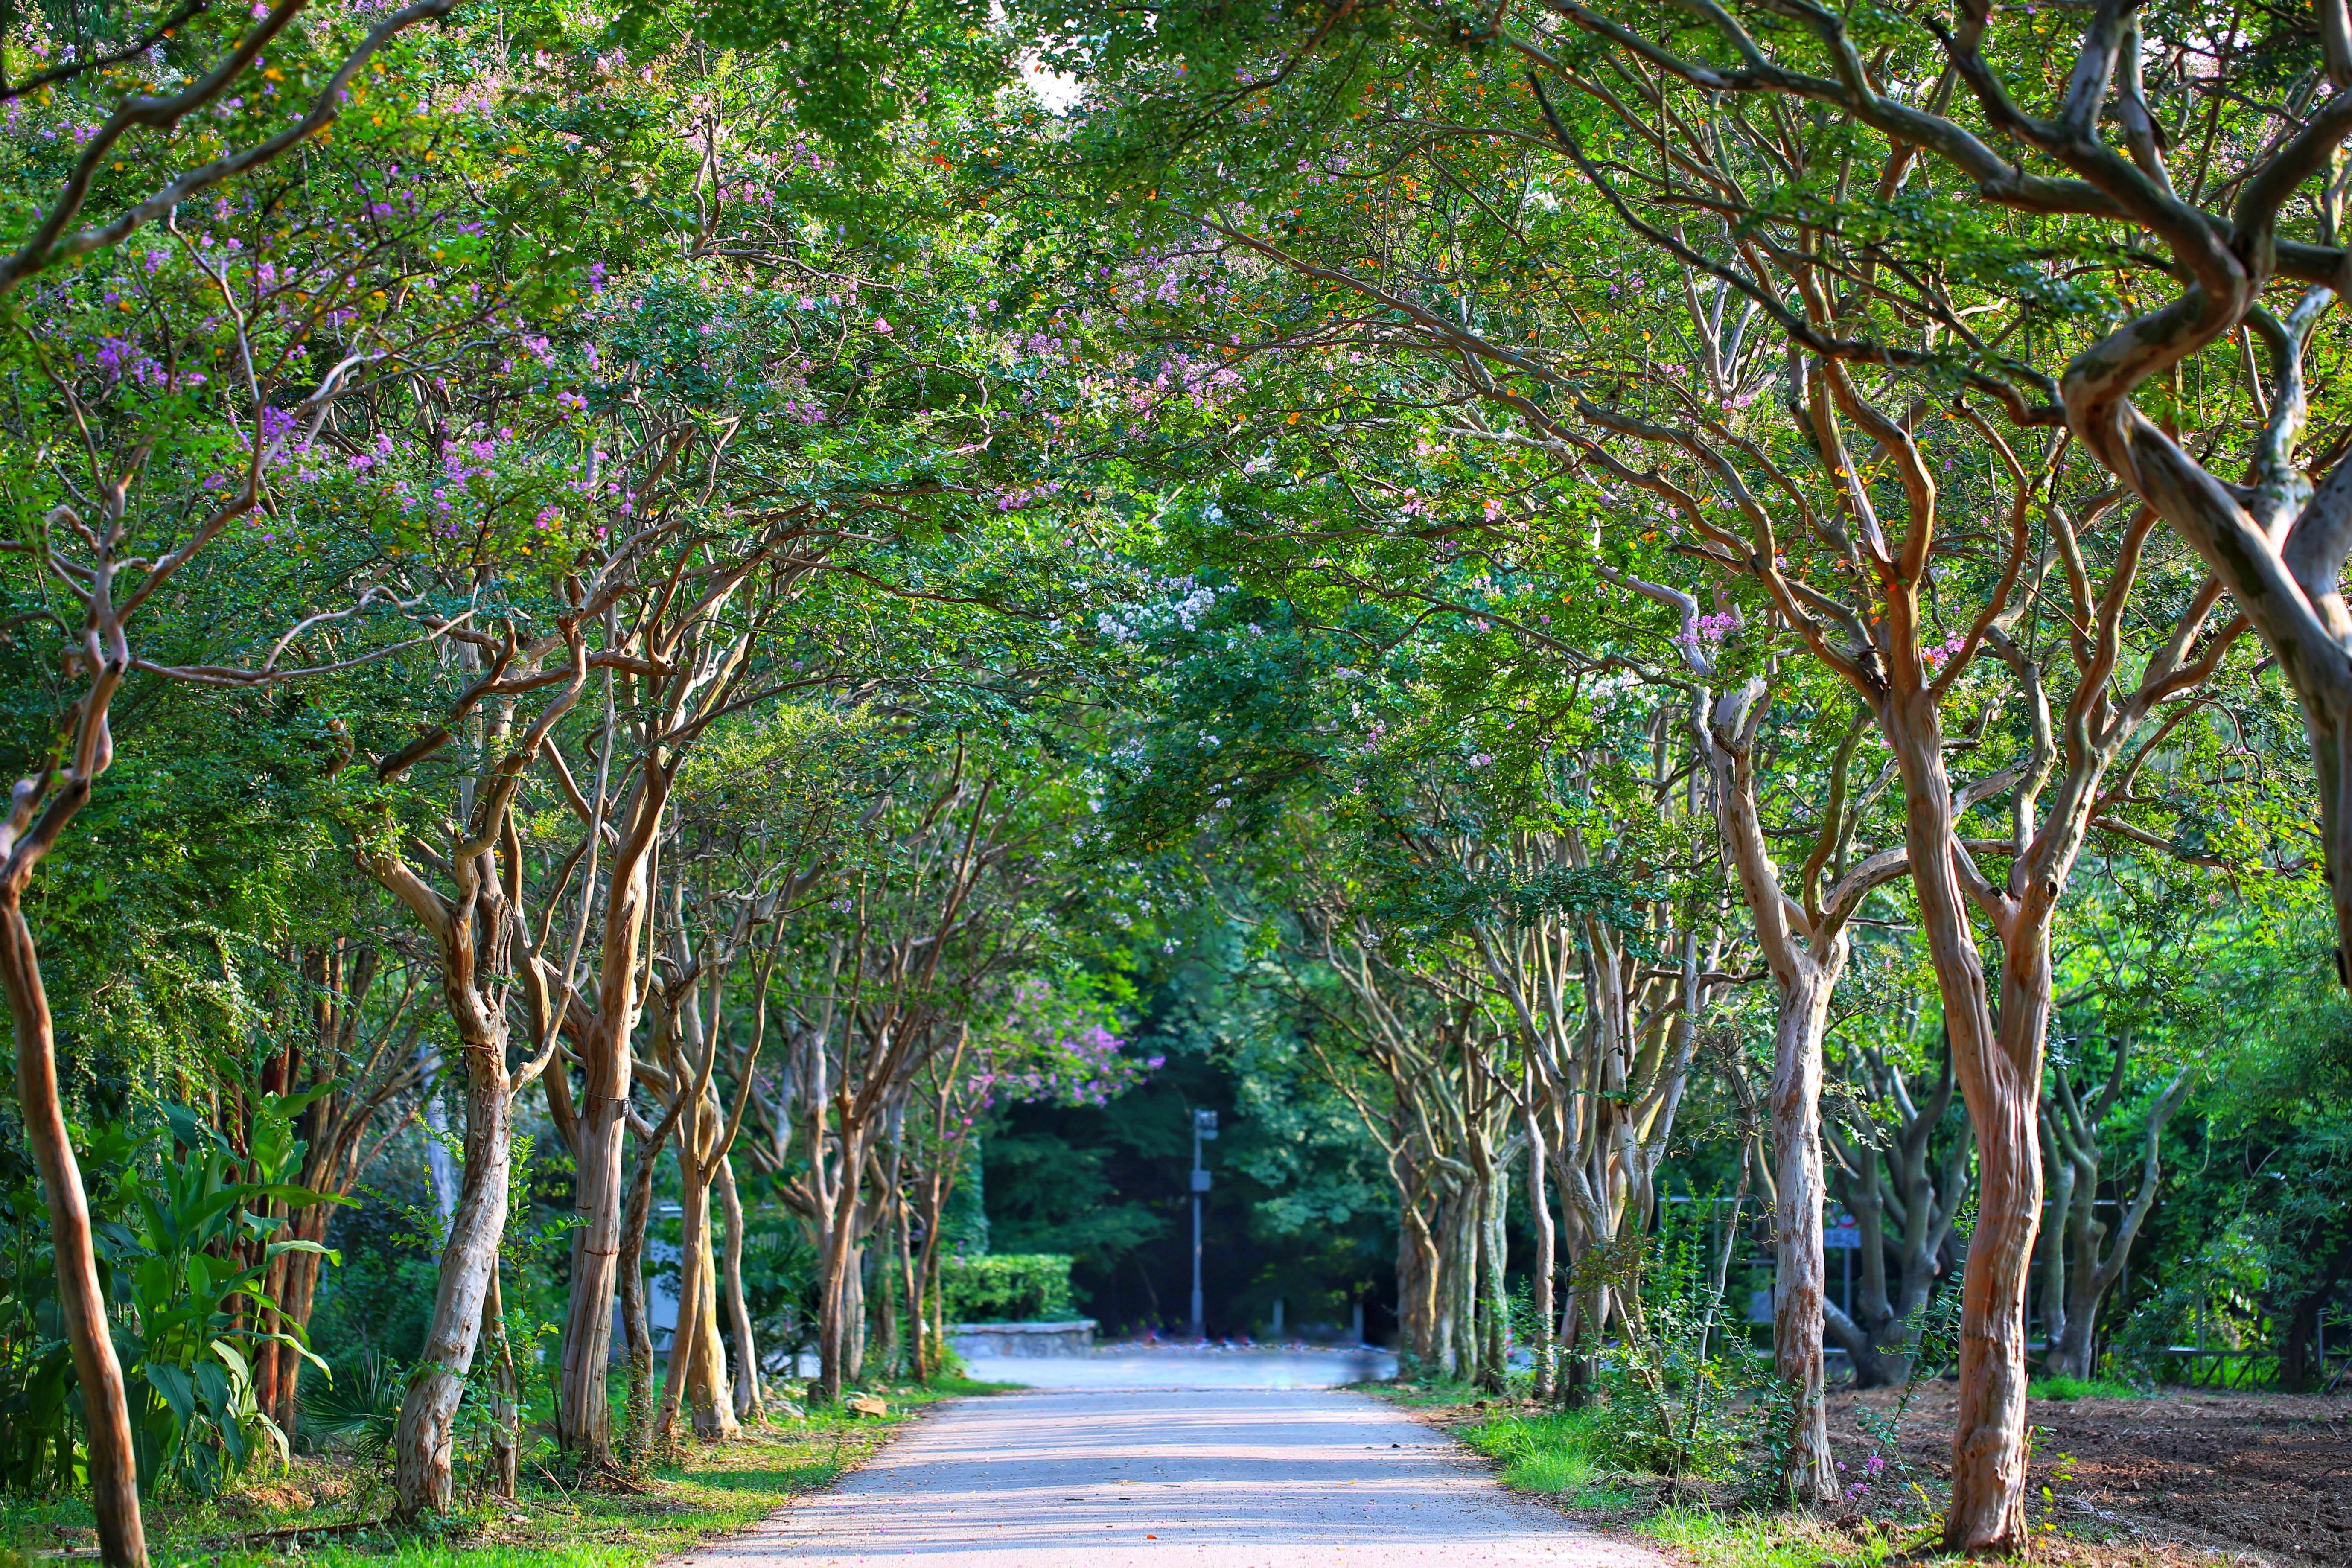 【紫金山新闻】独占芳菲当夏景,不将颜色托春风,有条紫薇隧道美了